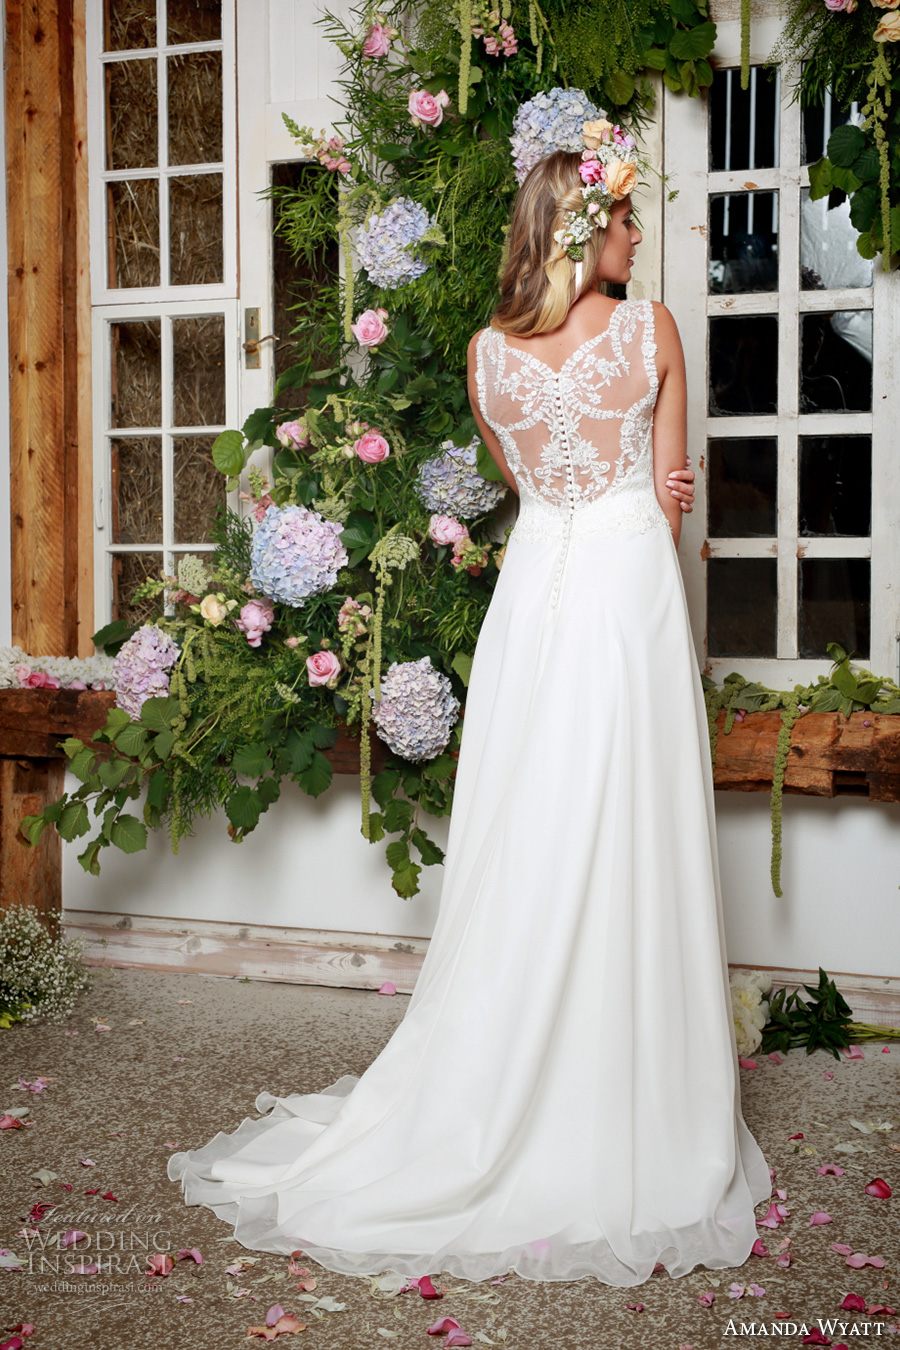 amanda wyatt 2017 bridal sleeveless lace thick strap v neck heavily embellished bodice romantic modifed a  line wedding dress lace back sweep train (lettie ivory) bv